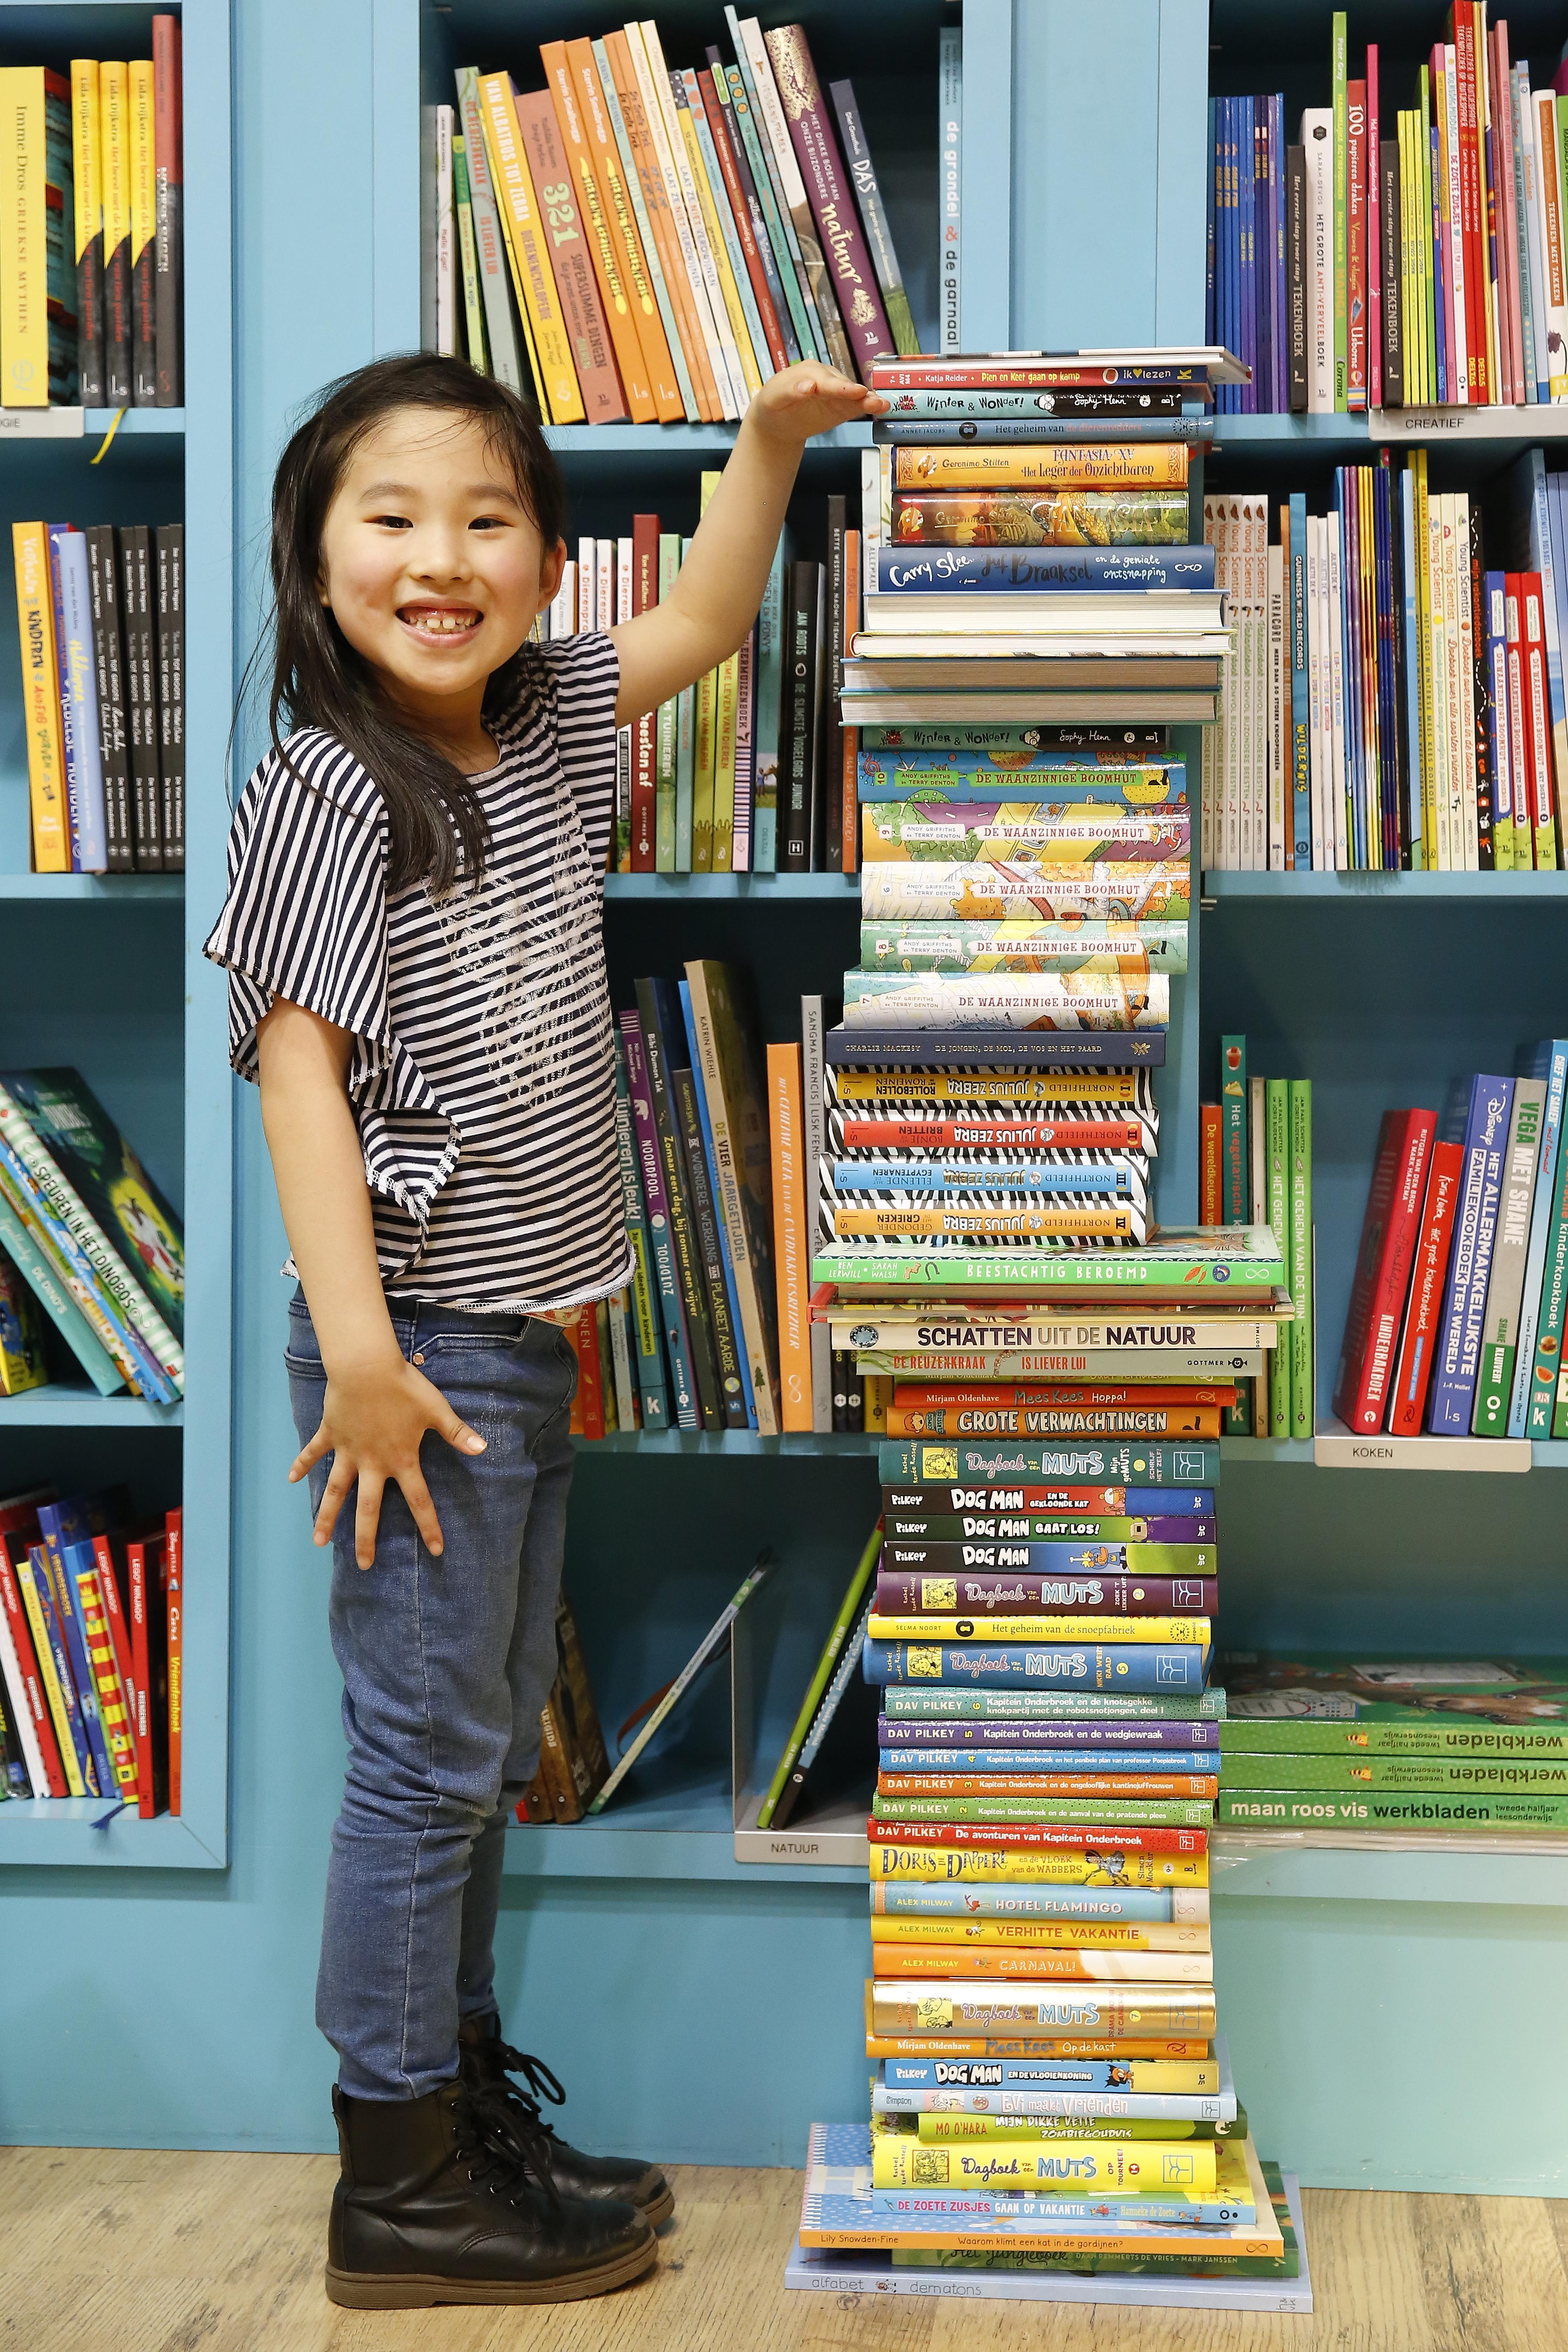 Hilversumse Jisung wint haar lengte in boeken. En dat is 1 meter 20. 'Ik lees bijna elke dag'